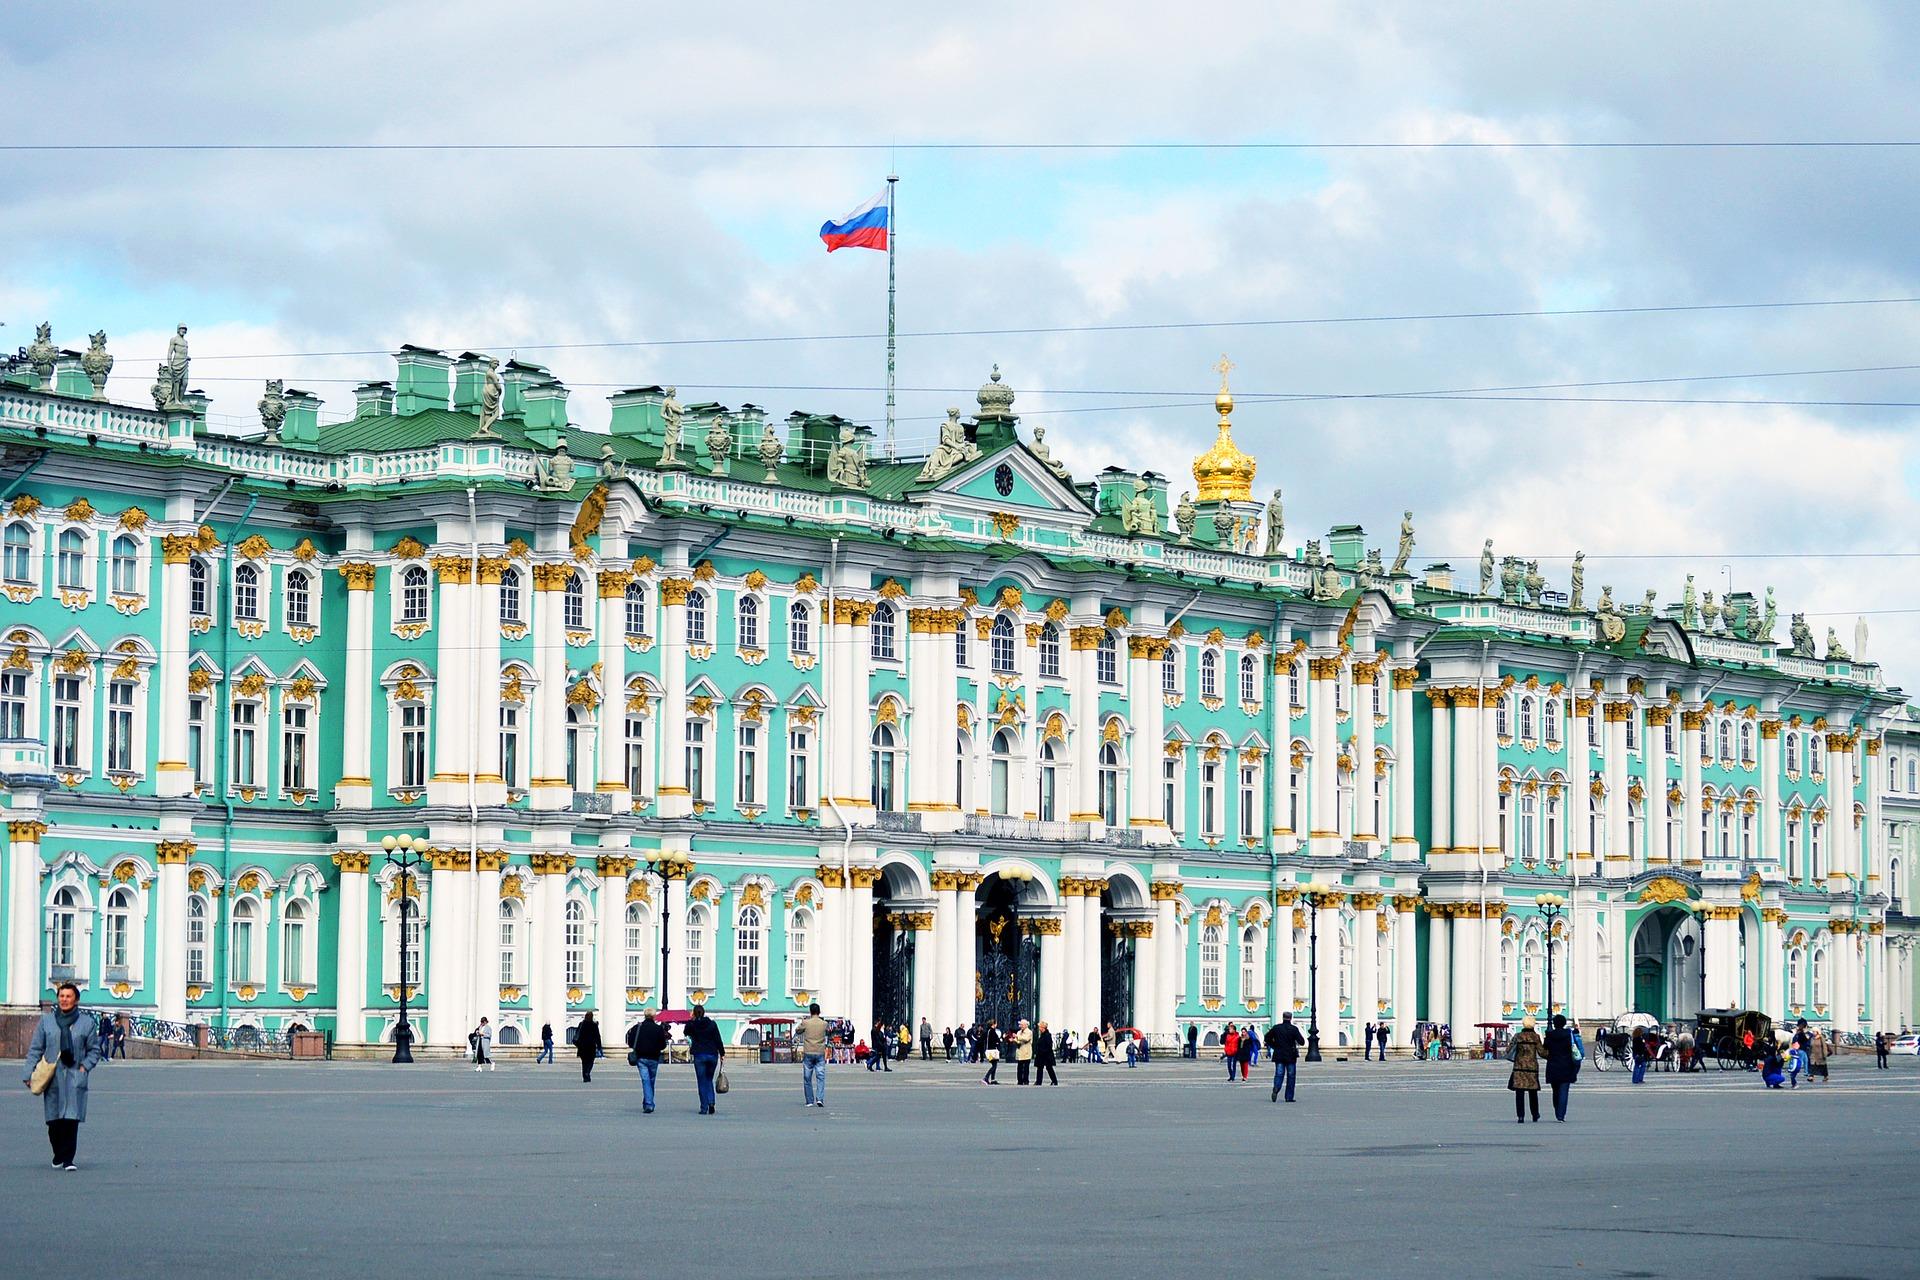 vue du palais d'hiver avec la colonne alexandrine